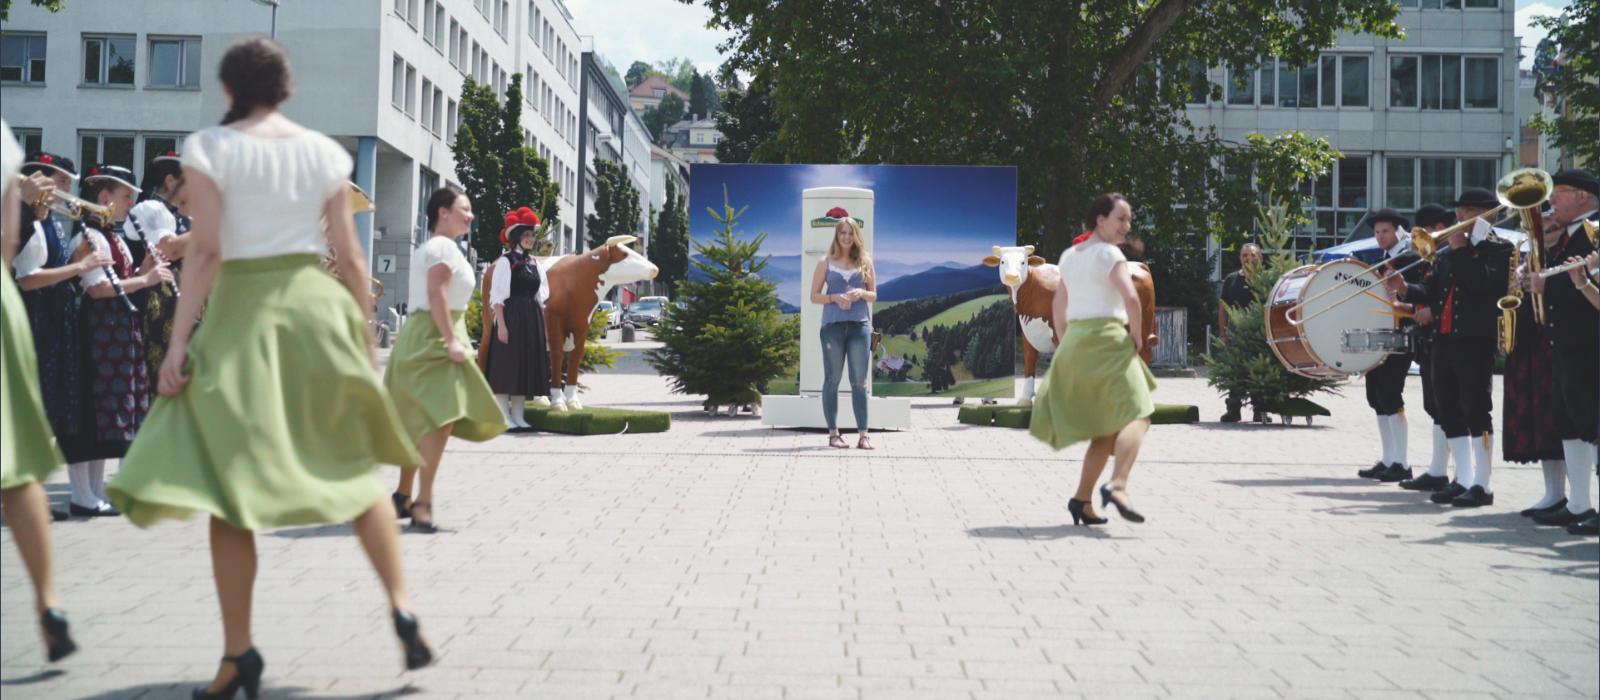 Guerilla Aktion Schwarzwaldmilch in Freiburg